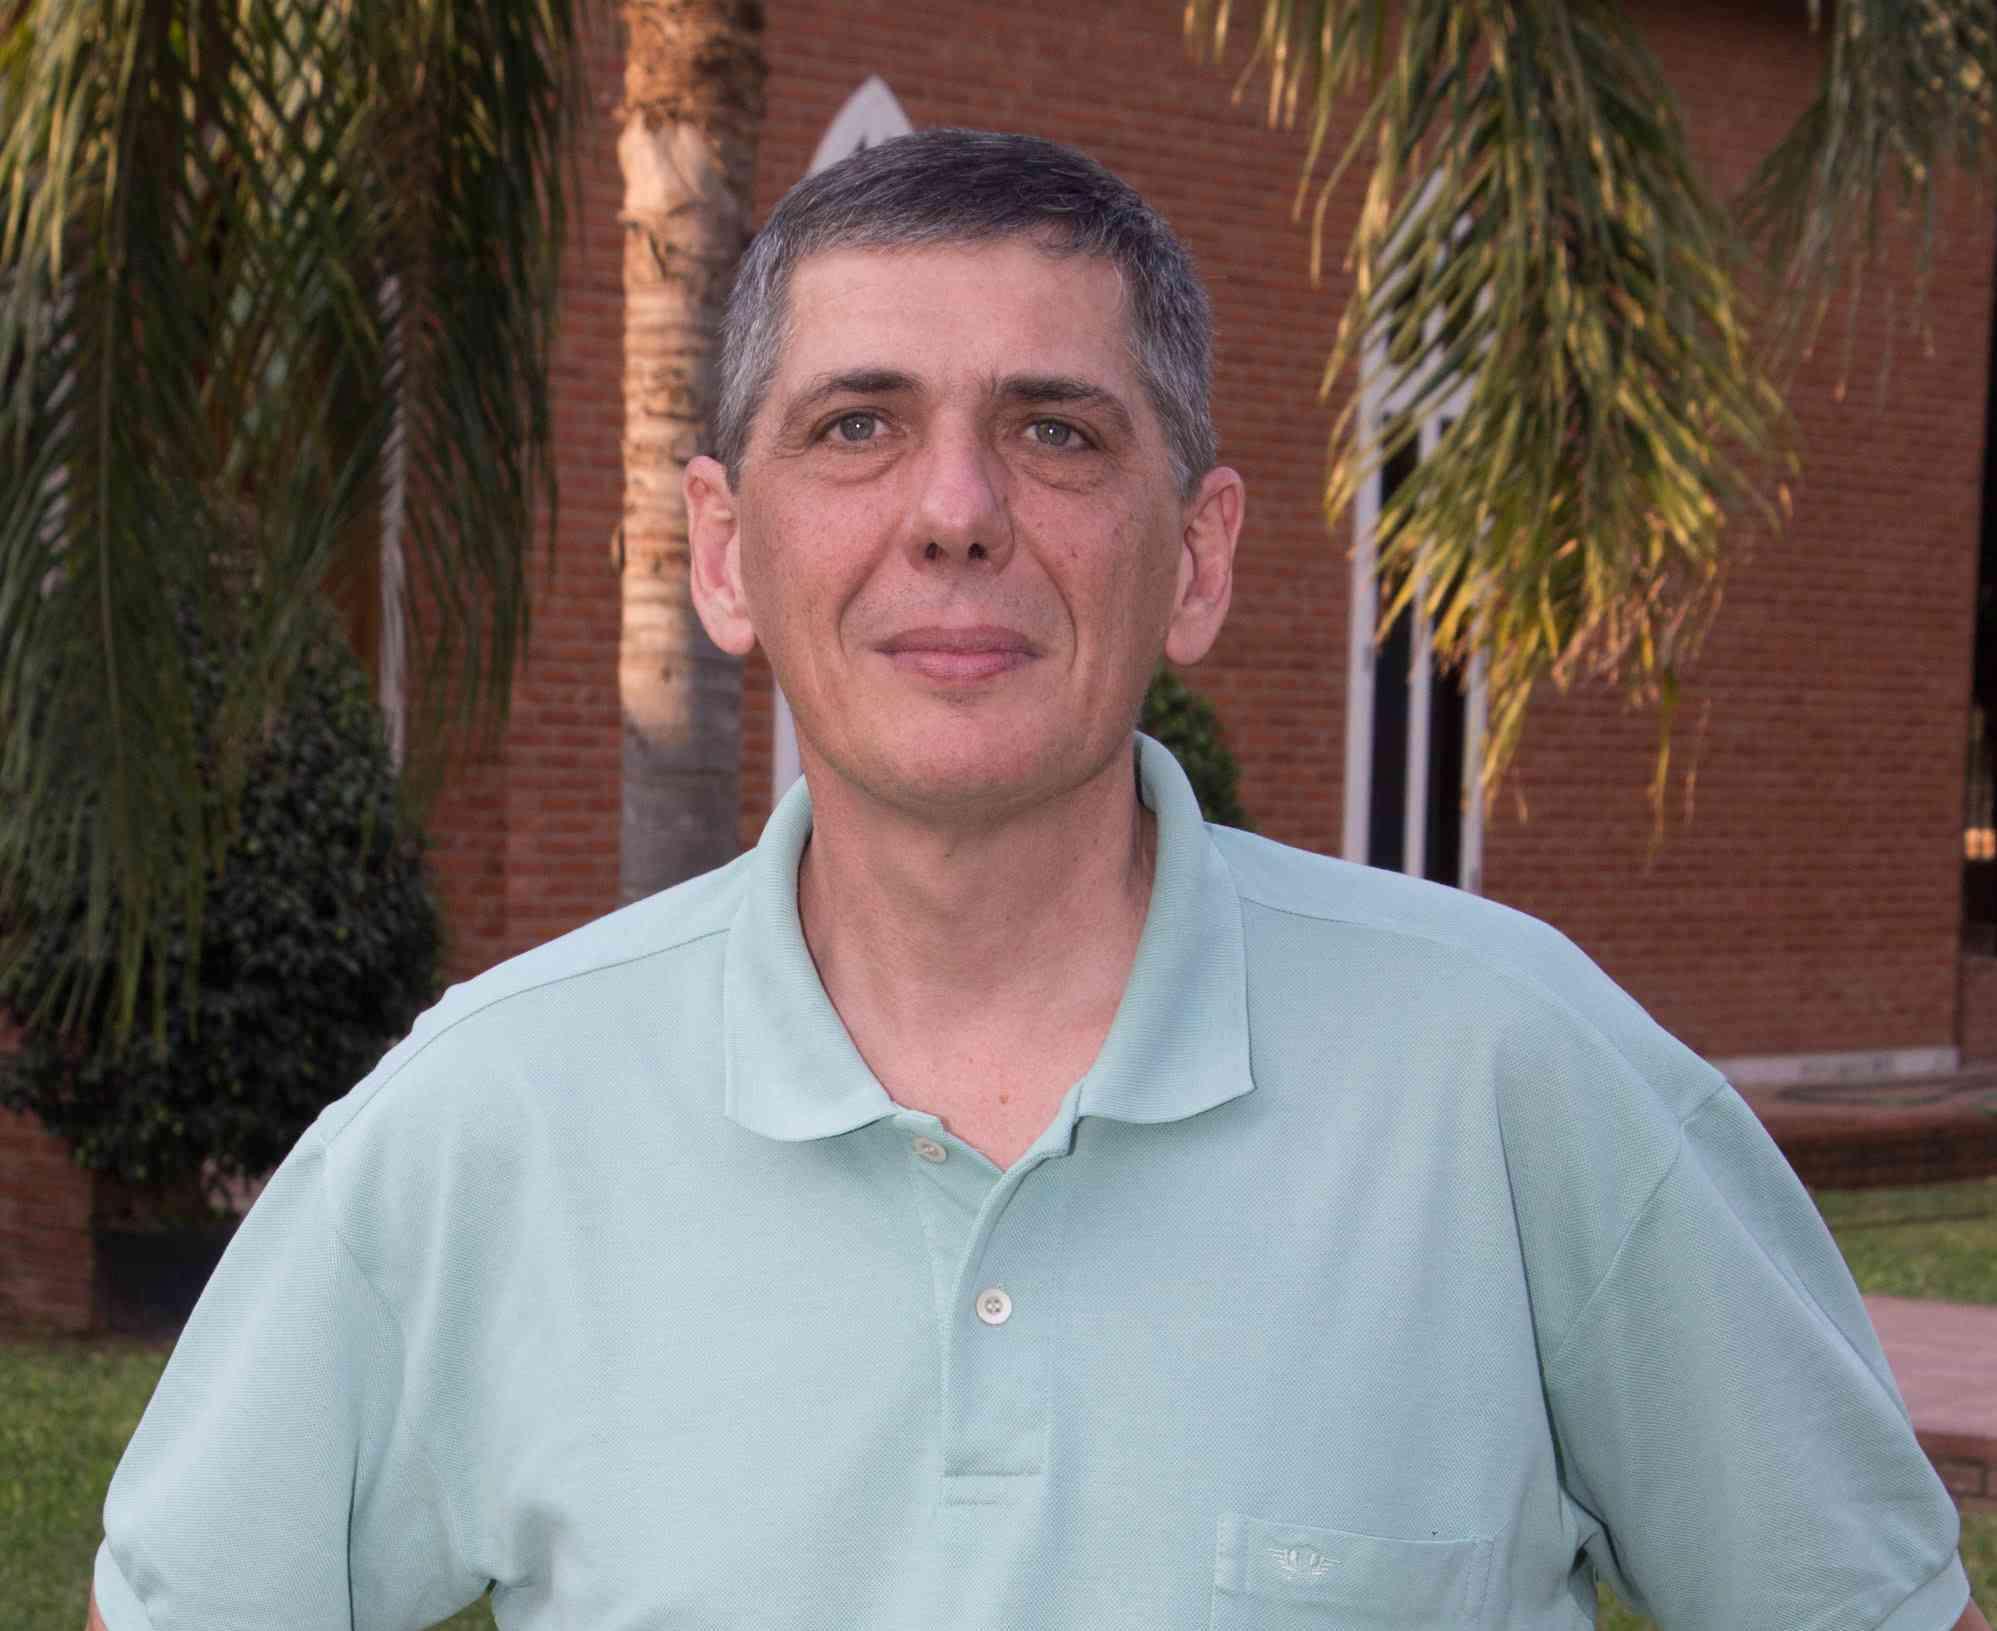 Carl Heinz Klassen